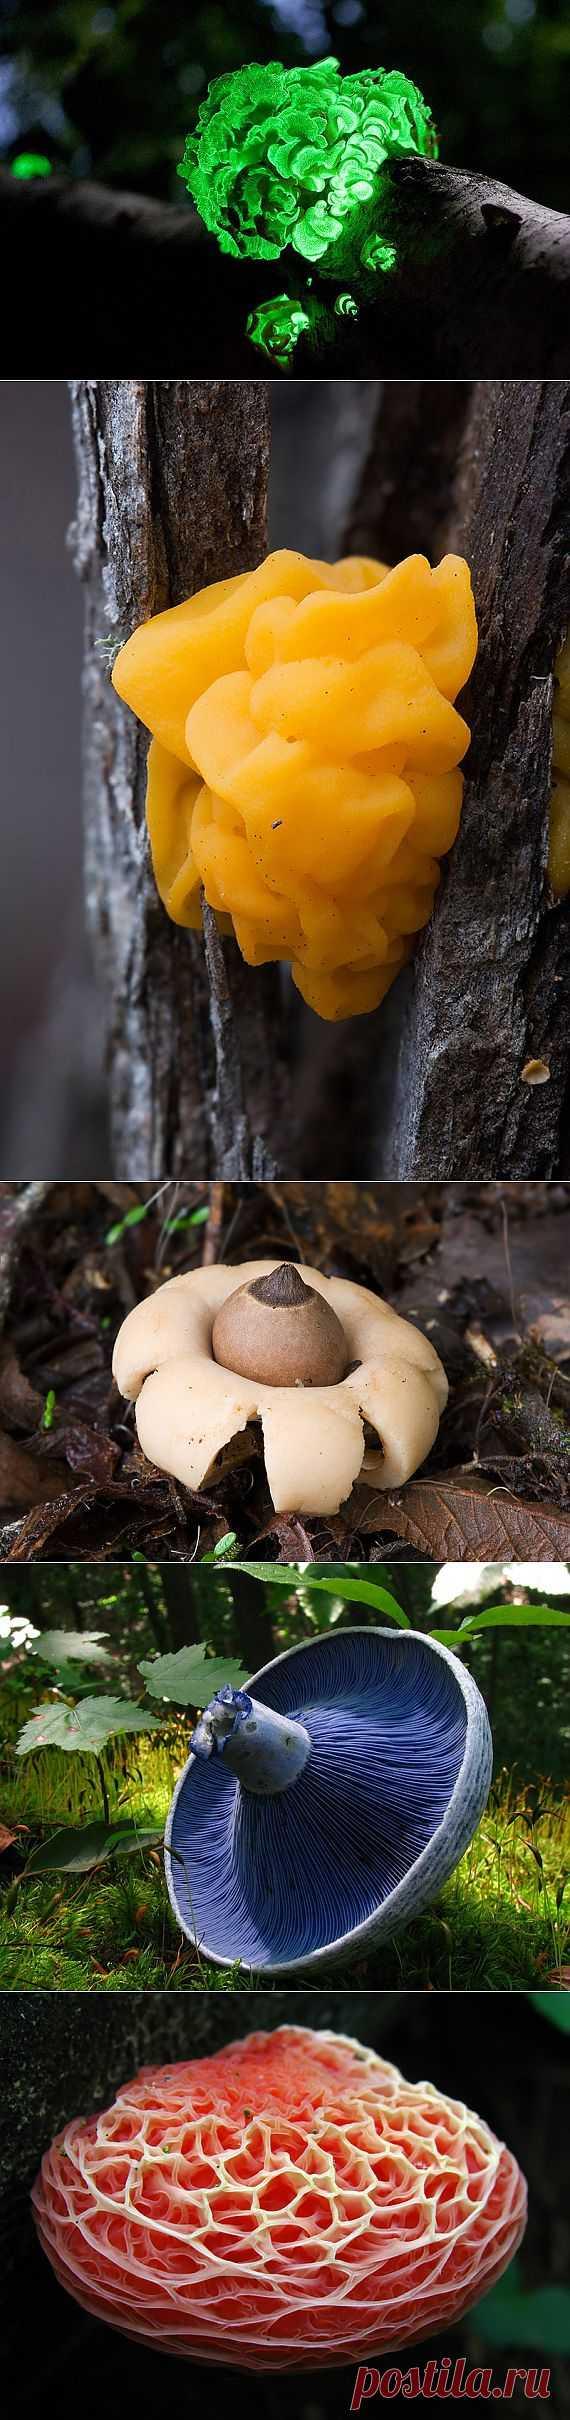 Самые красивые грибы в мире :  НОВОСТИ В ФОТОГРАФИЯХ